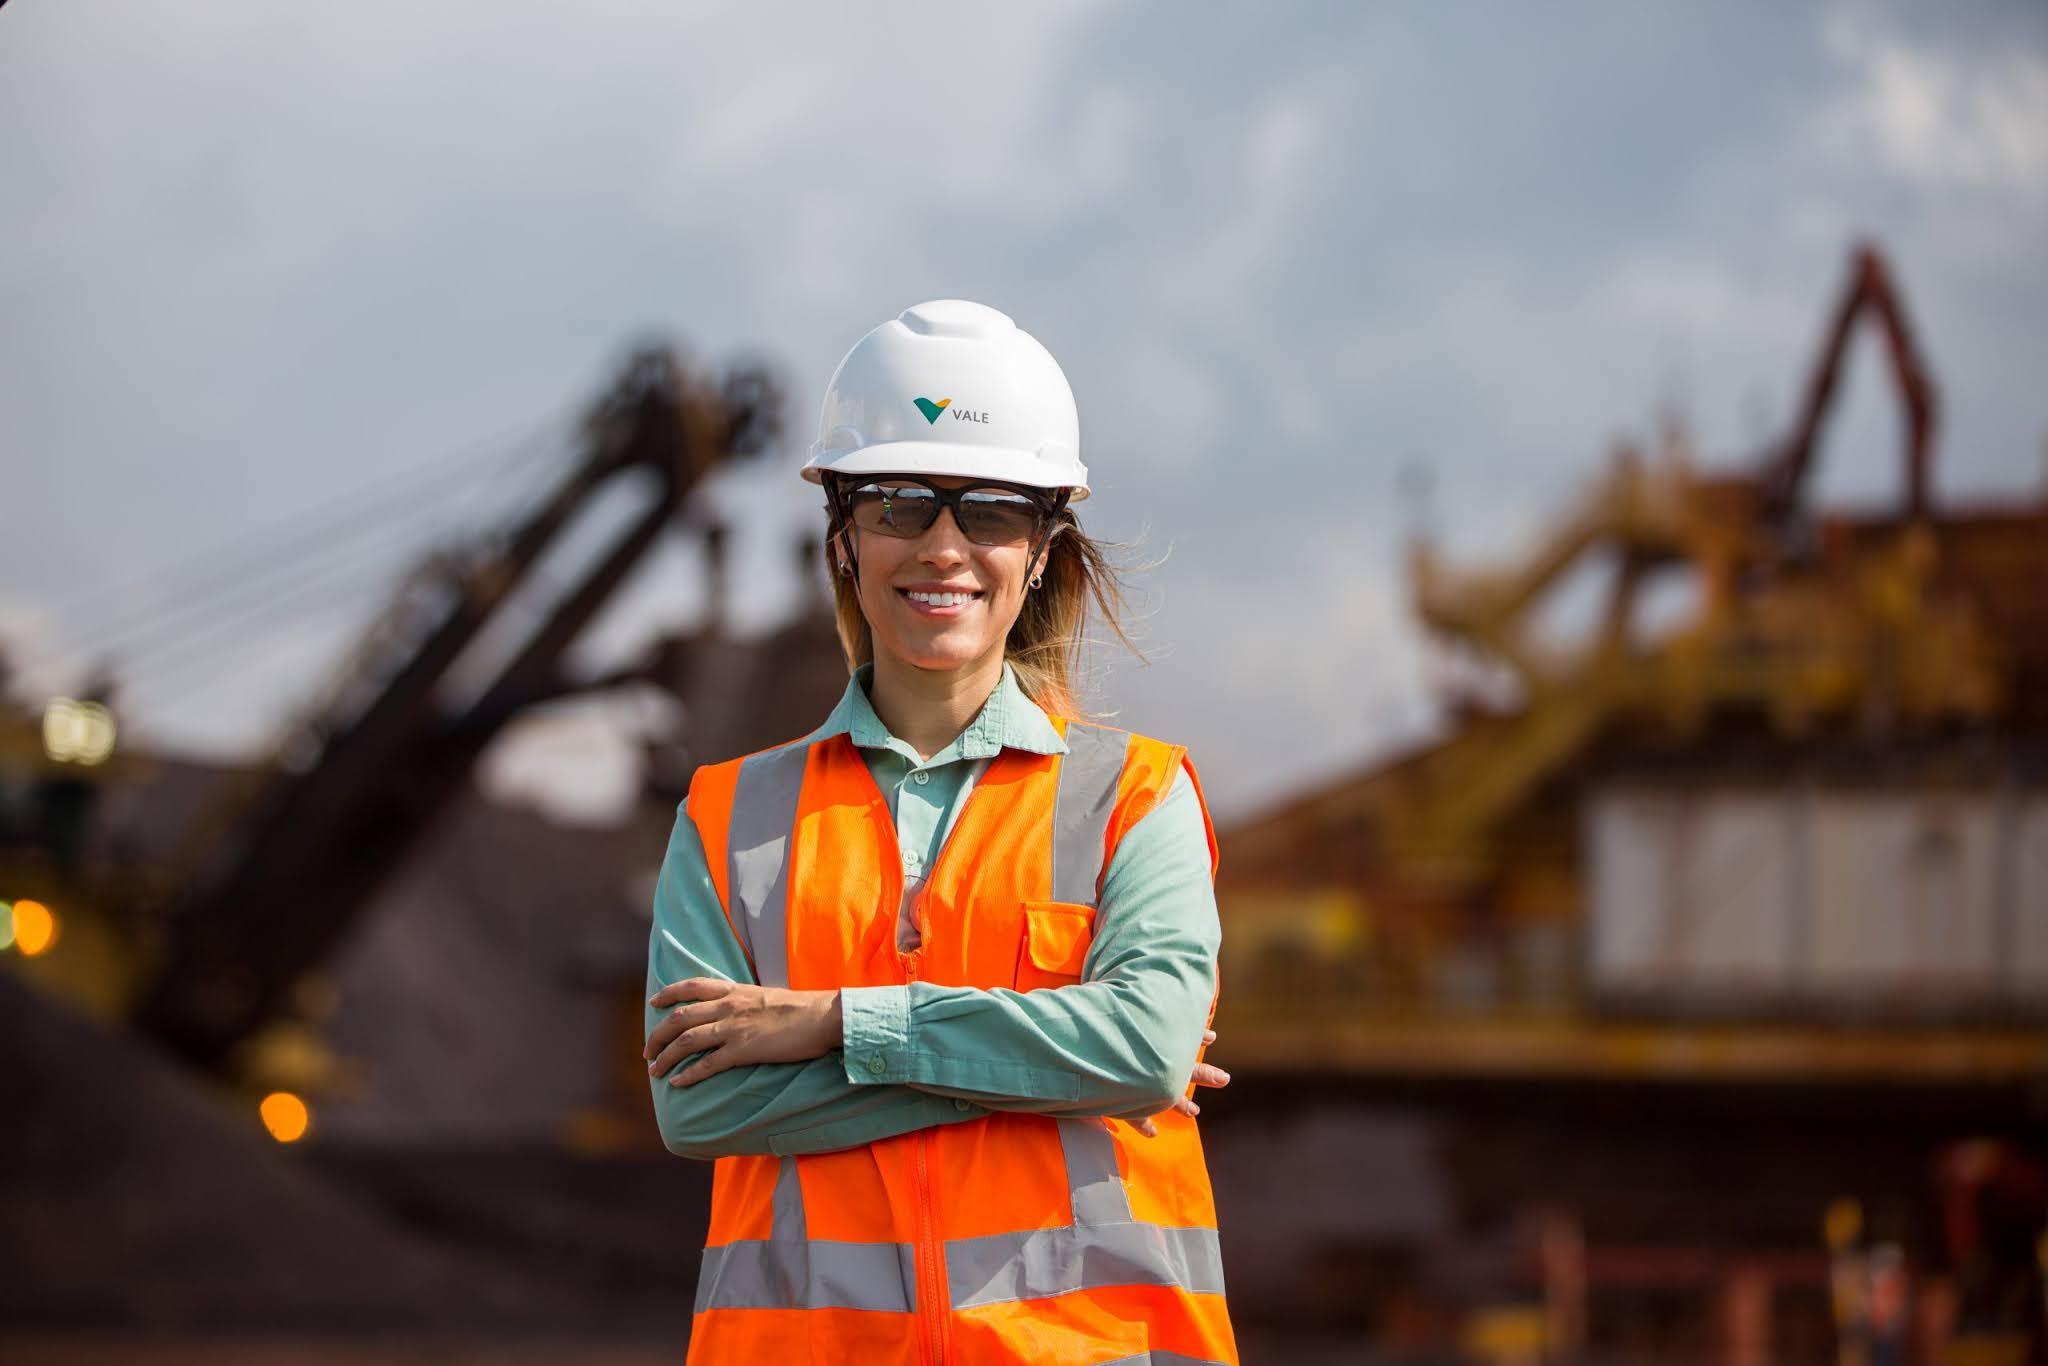 Confira as vagas de Empregos disponíveis aqui no Site de Oportunidades Vale: